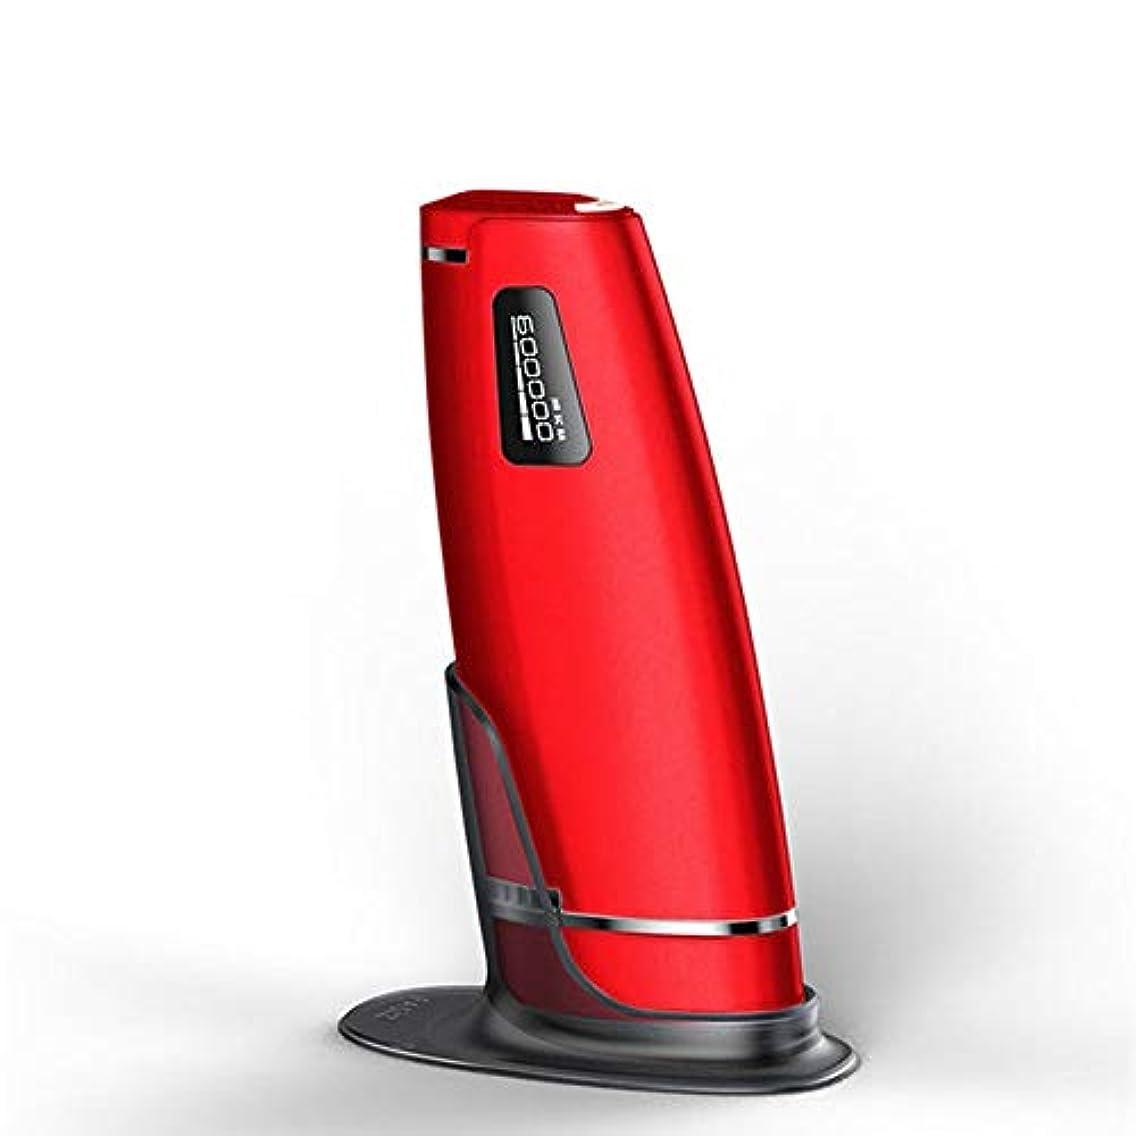 農民テセウス同僚Nuanxin 赤、デュアルモード、ホームオートマチック無痛脱毛剤、携帯用永久脱毛剤、5スピード調整、サイズ20.5 X 4.5 X 7 Cm F30 (Color : Red)